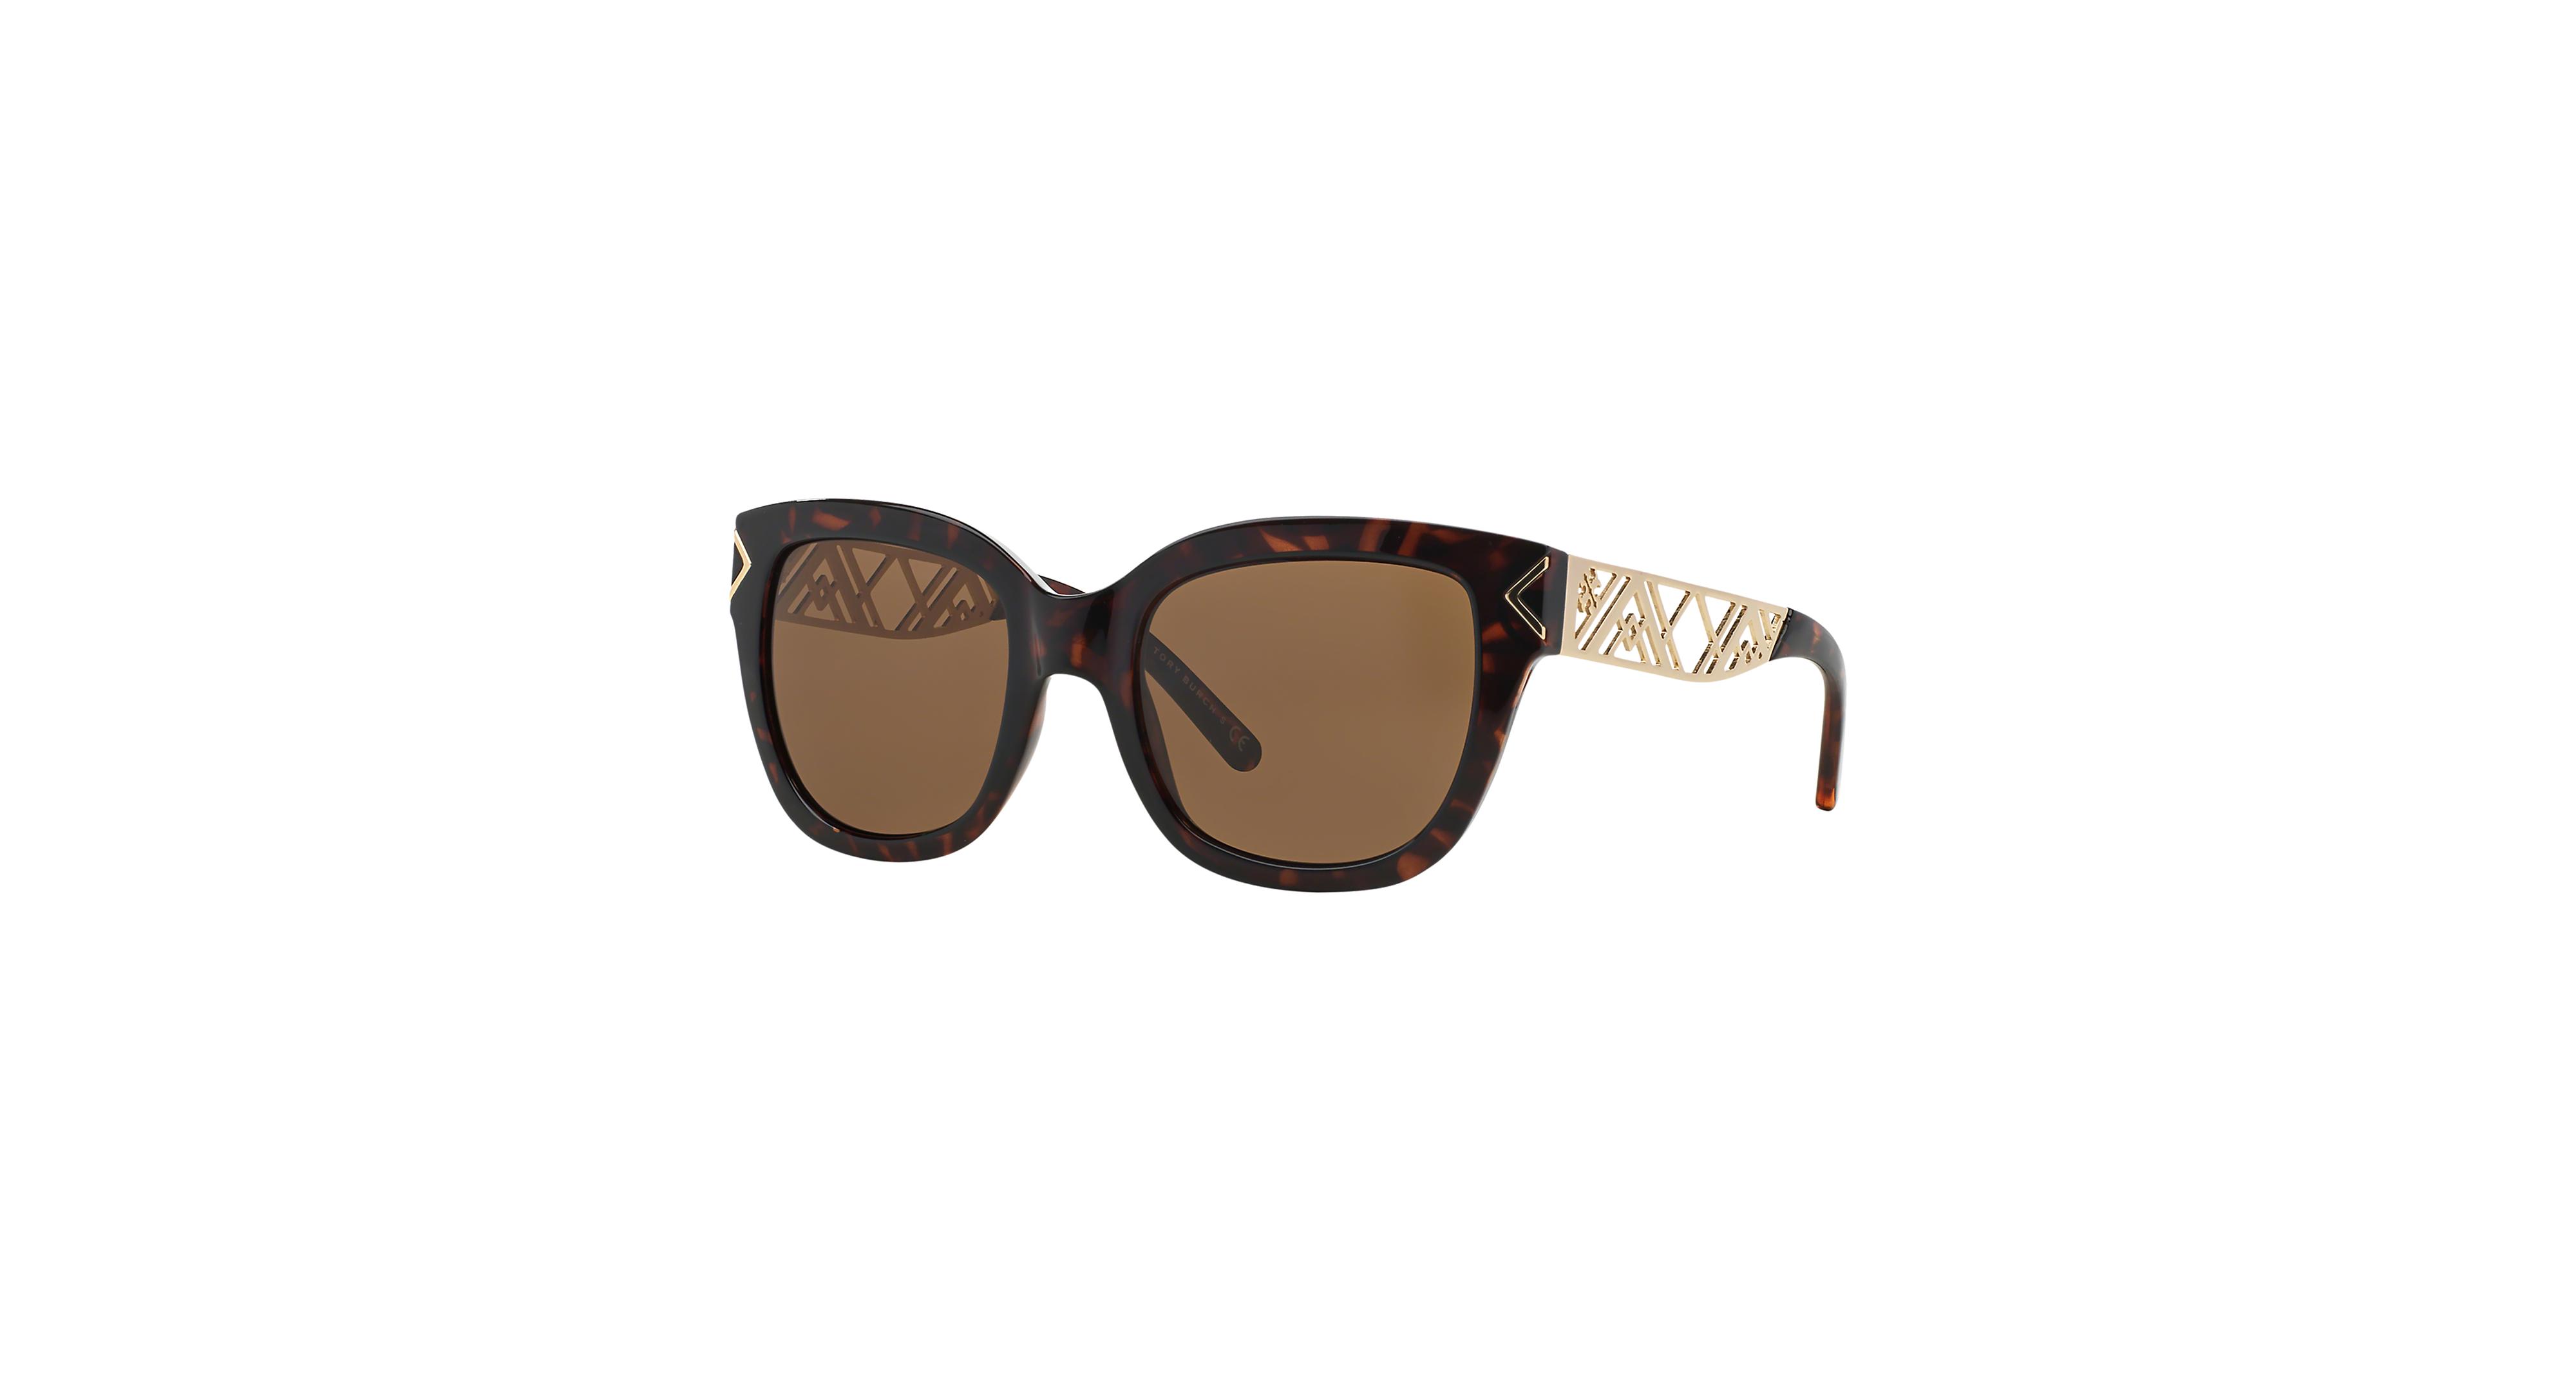 d454506810 Tory Burch Sunglasses